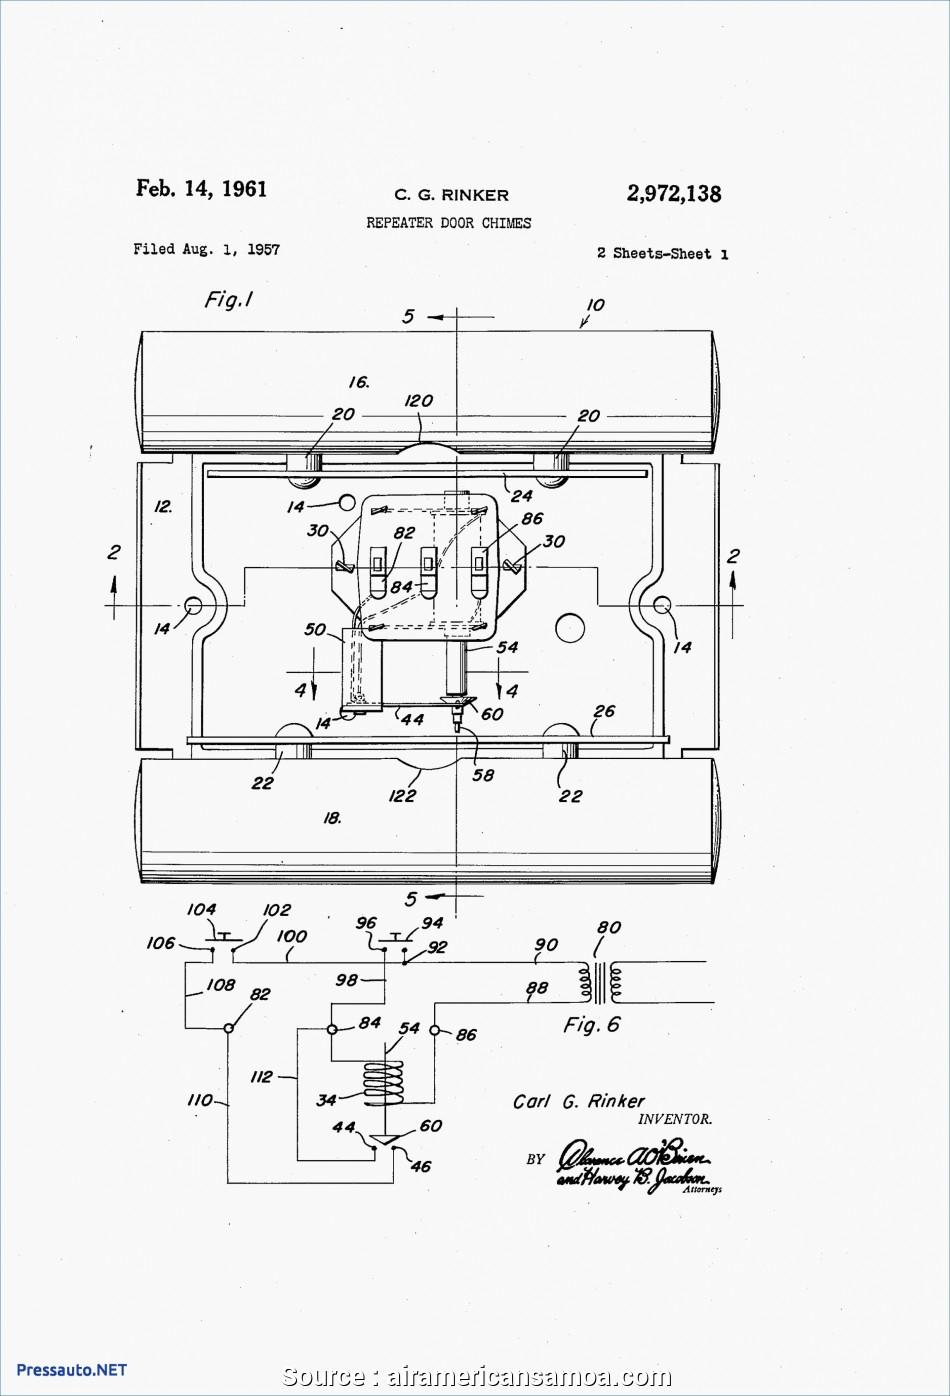 Nutone Wiring Schematics - Trusted Wiring Diagram - Nutone Doorbell Wiring Diagram